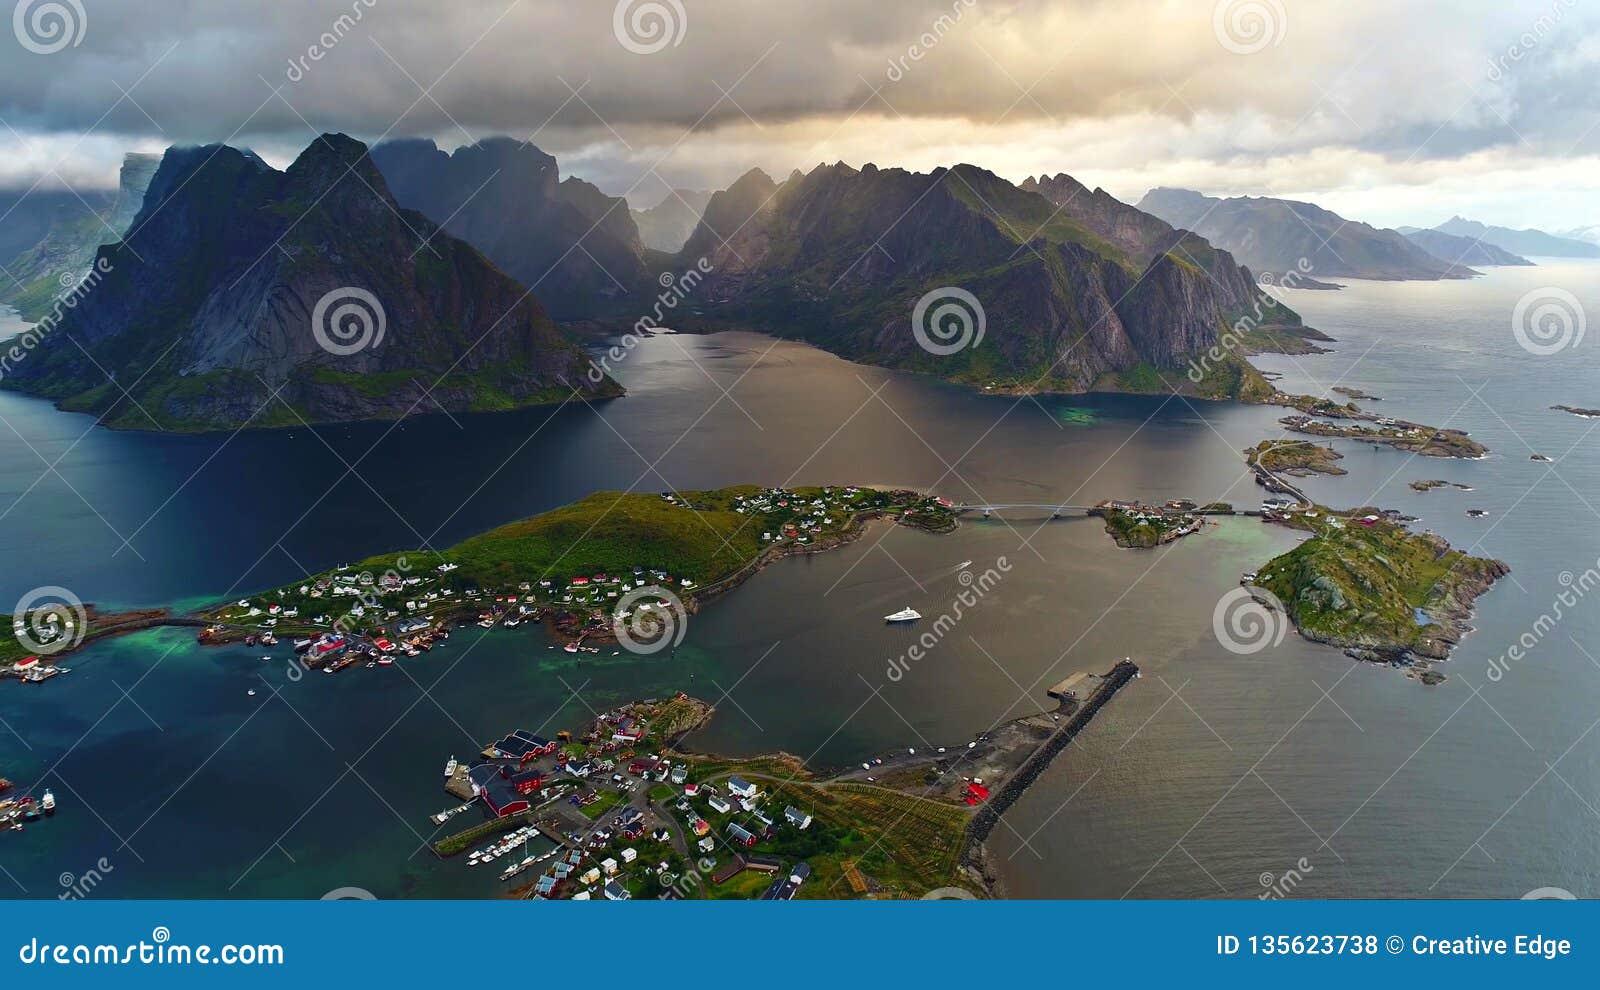 Las islas de Lofoten son un archipiélago en el condado de Nordland, Noruega